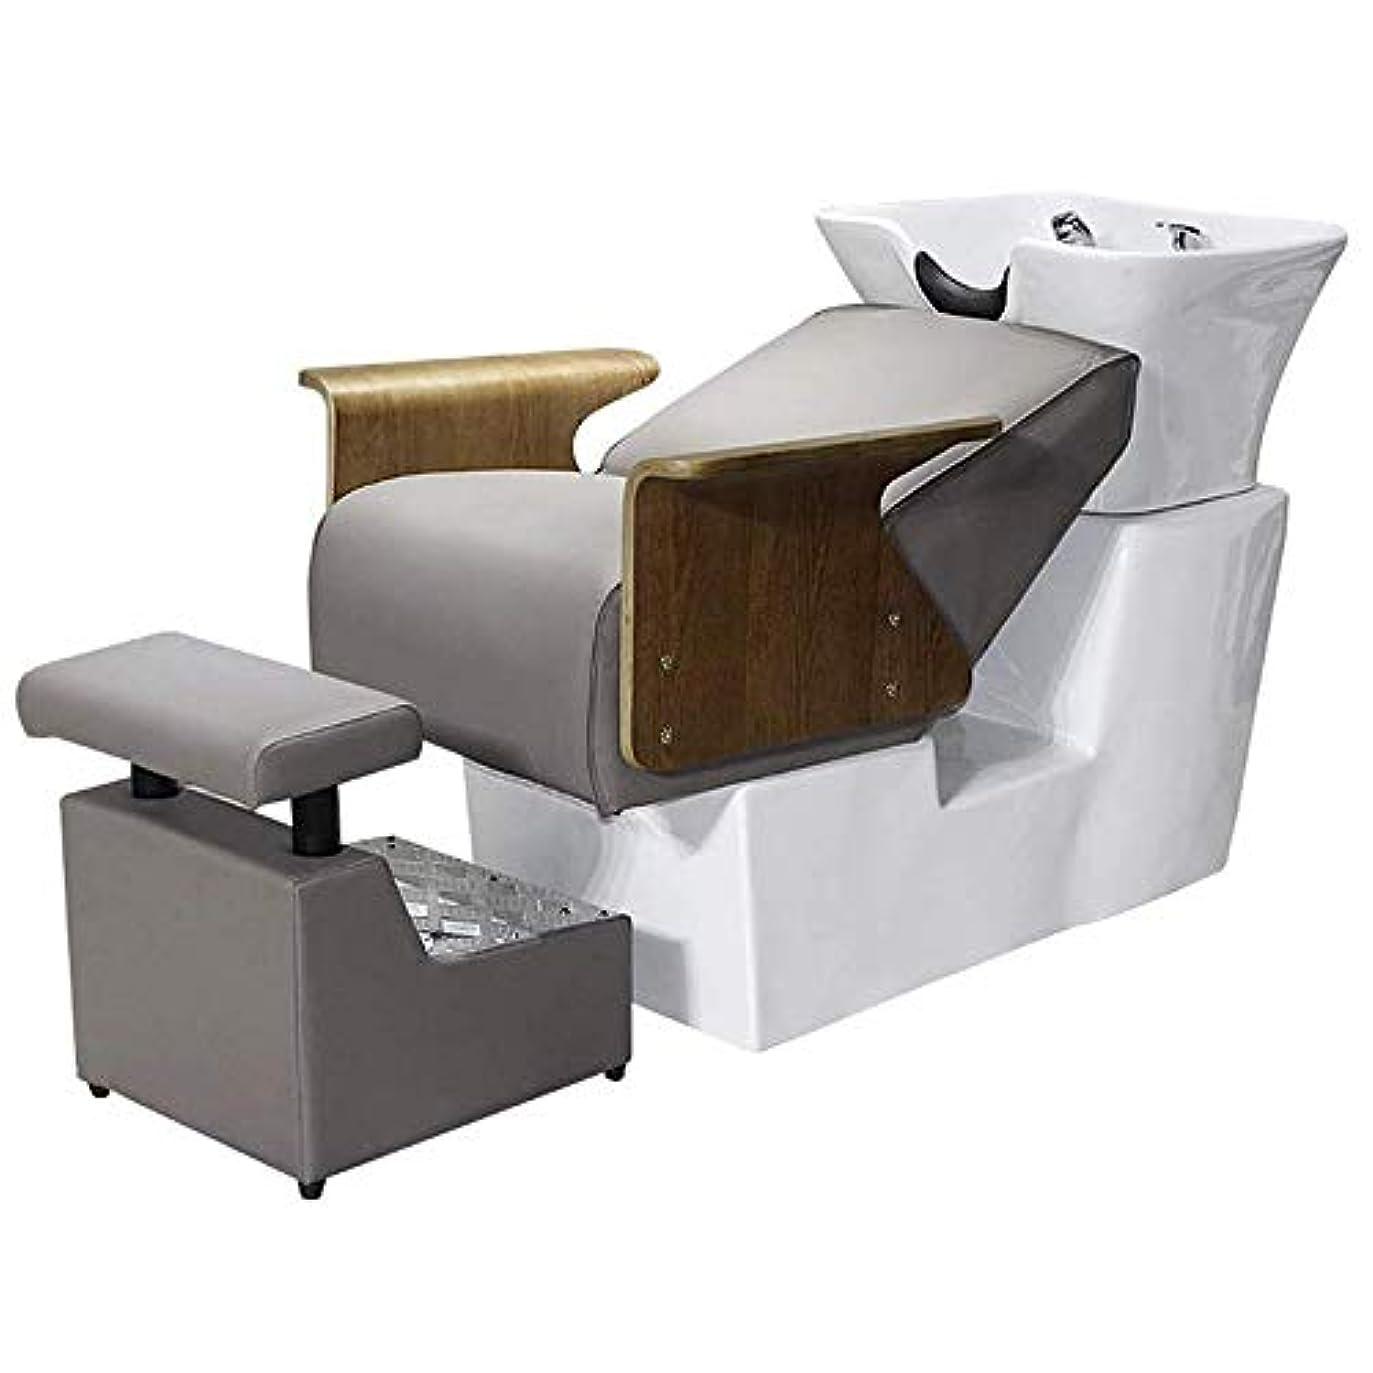 払い戻しワードローブ精査サロン用シャンプー椅子とボウル、 セラミック洗面器シャンプーベッド逆洗ユニットシャンプーボウル理髪シンク椅子用スパビューティーサロン機器